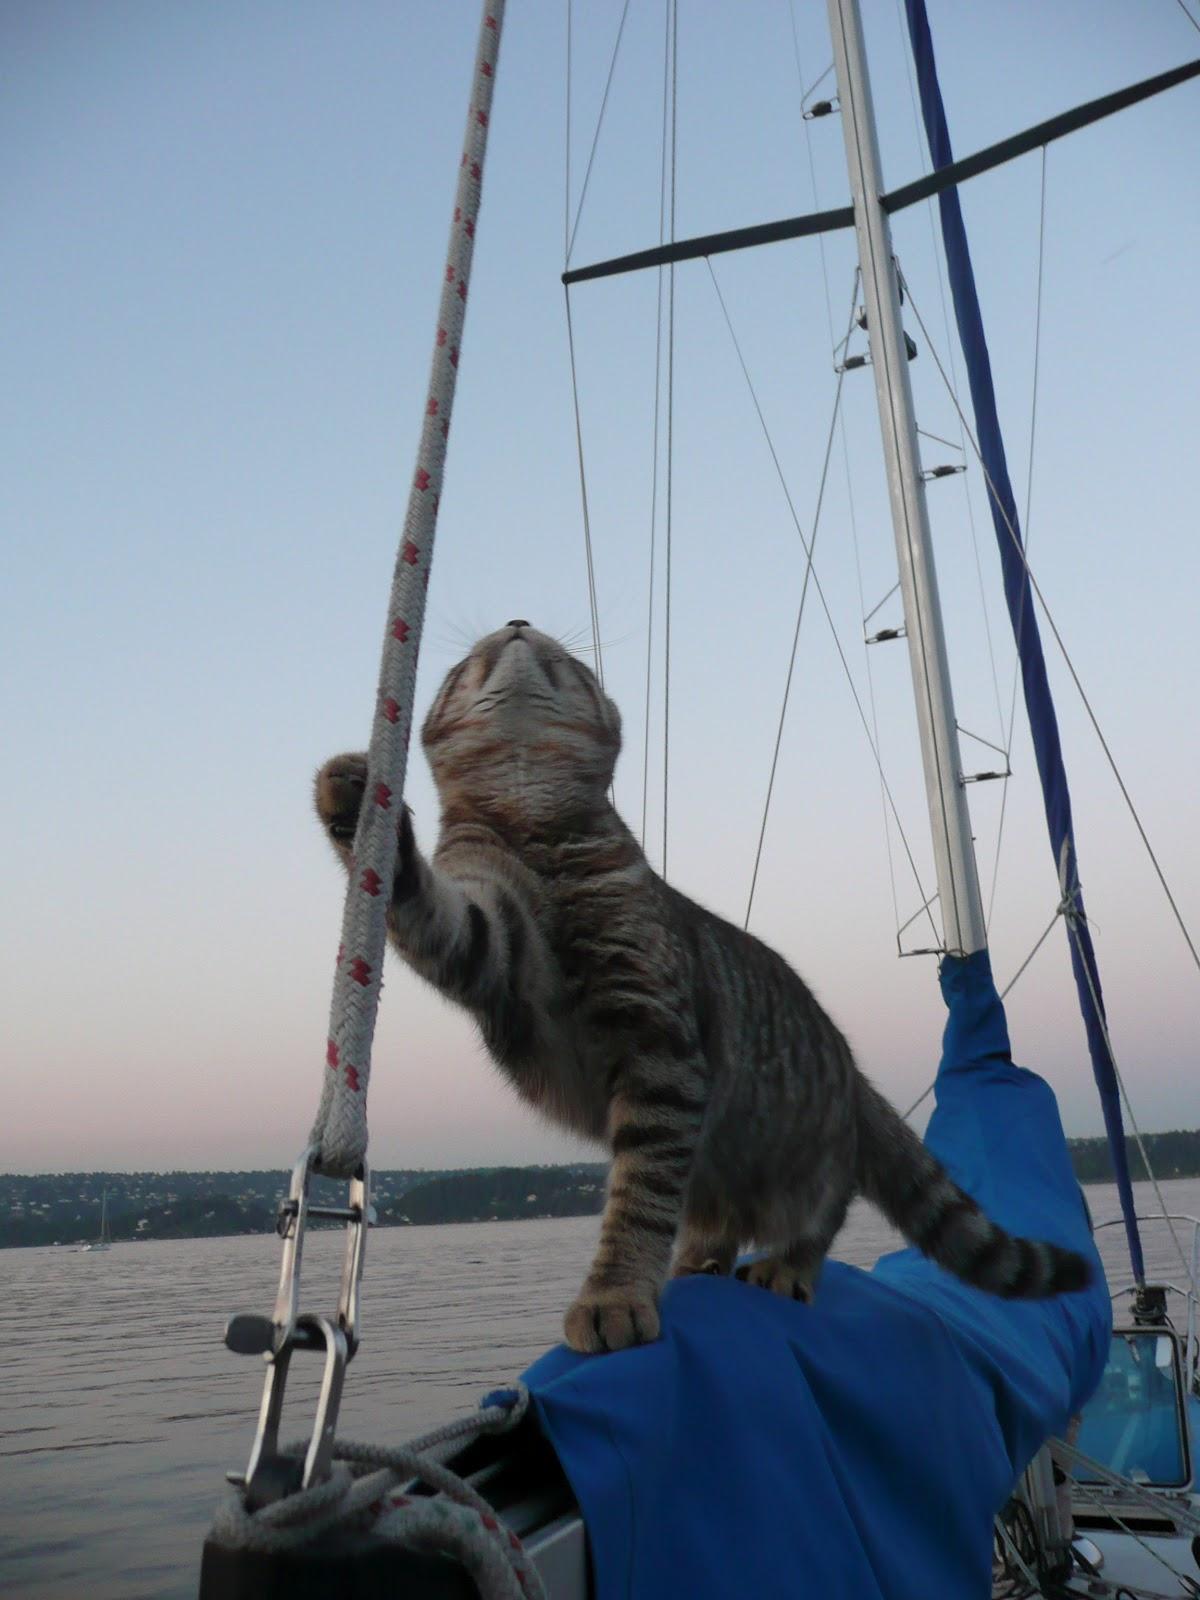 http://2.bp.blogspot.com/-U0vi_sarQjg/UDPgFacrwFI/AAAAAAAAE7Q/srxWH1QLbV0/s1600/Cat+on+boom+of+boat.jpeg